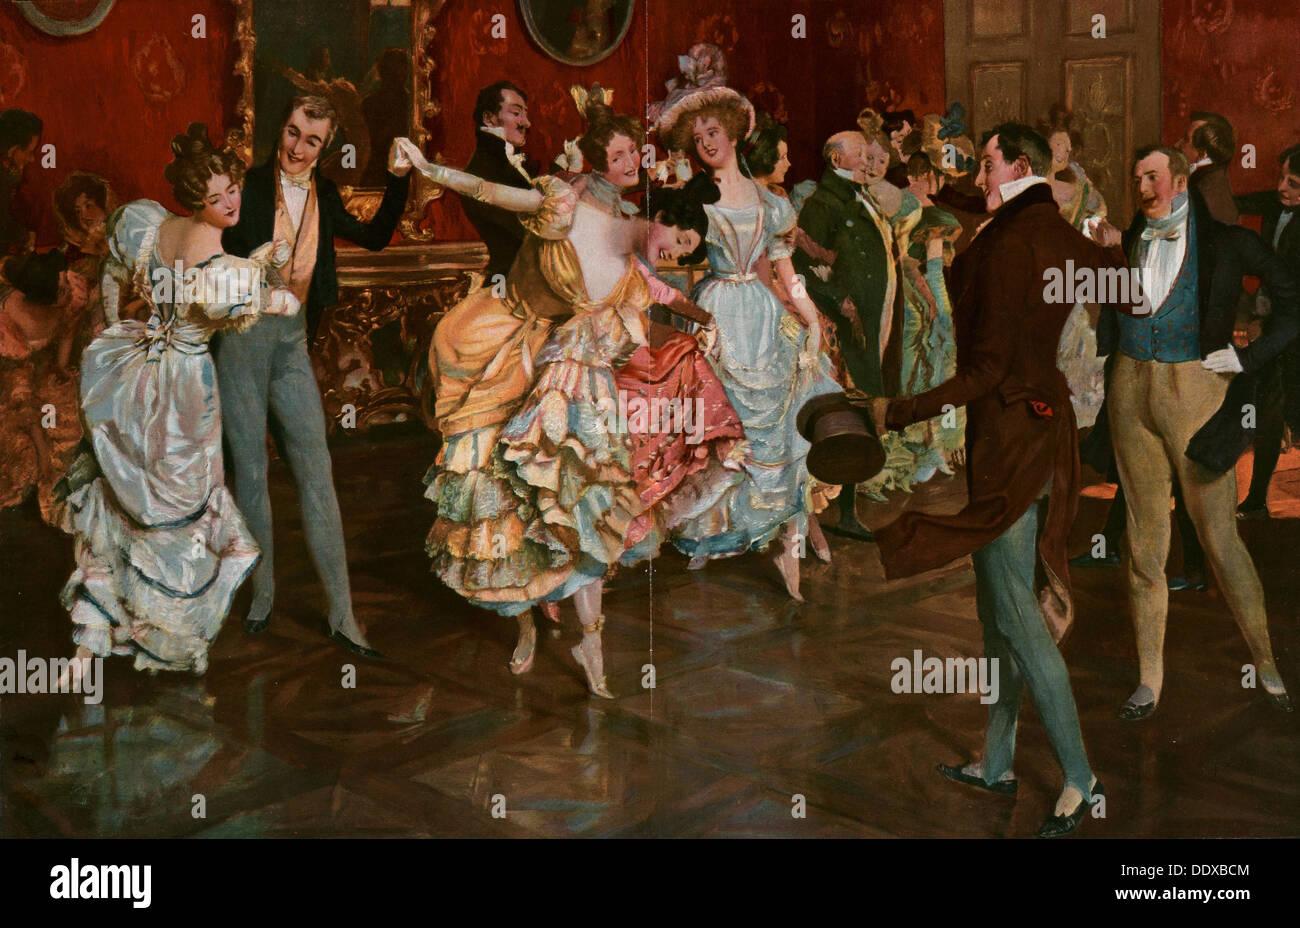 Tanz-Gemälde von Leopold Schmutzler 1864-1941, böhmischer Maler, lebte in Deutschland. tanzen, Tänzer, jung, Bewegung, Weiblich, Männlich Stockbild